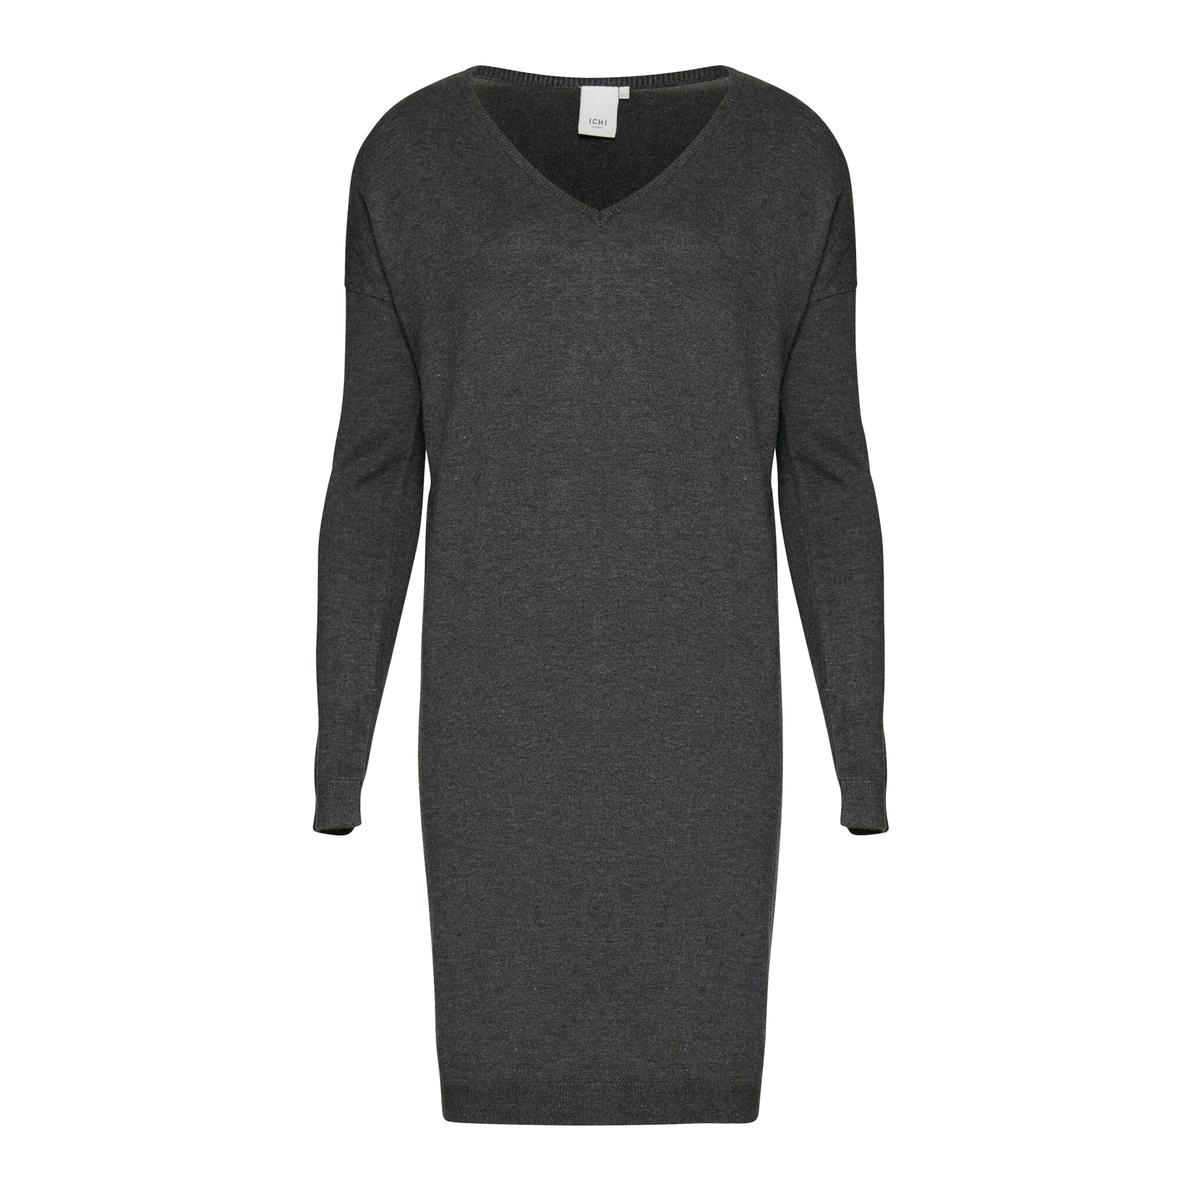 Платье из тонкого трикотажа с V-образным вырезом MAFA DR 5Состав и описаниеМарка: ICHI.Модель: MAFA DR 5.Материалы: 80% вискозы, 20% нейлона.<br><br>Цвет: темно-серый